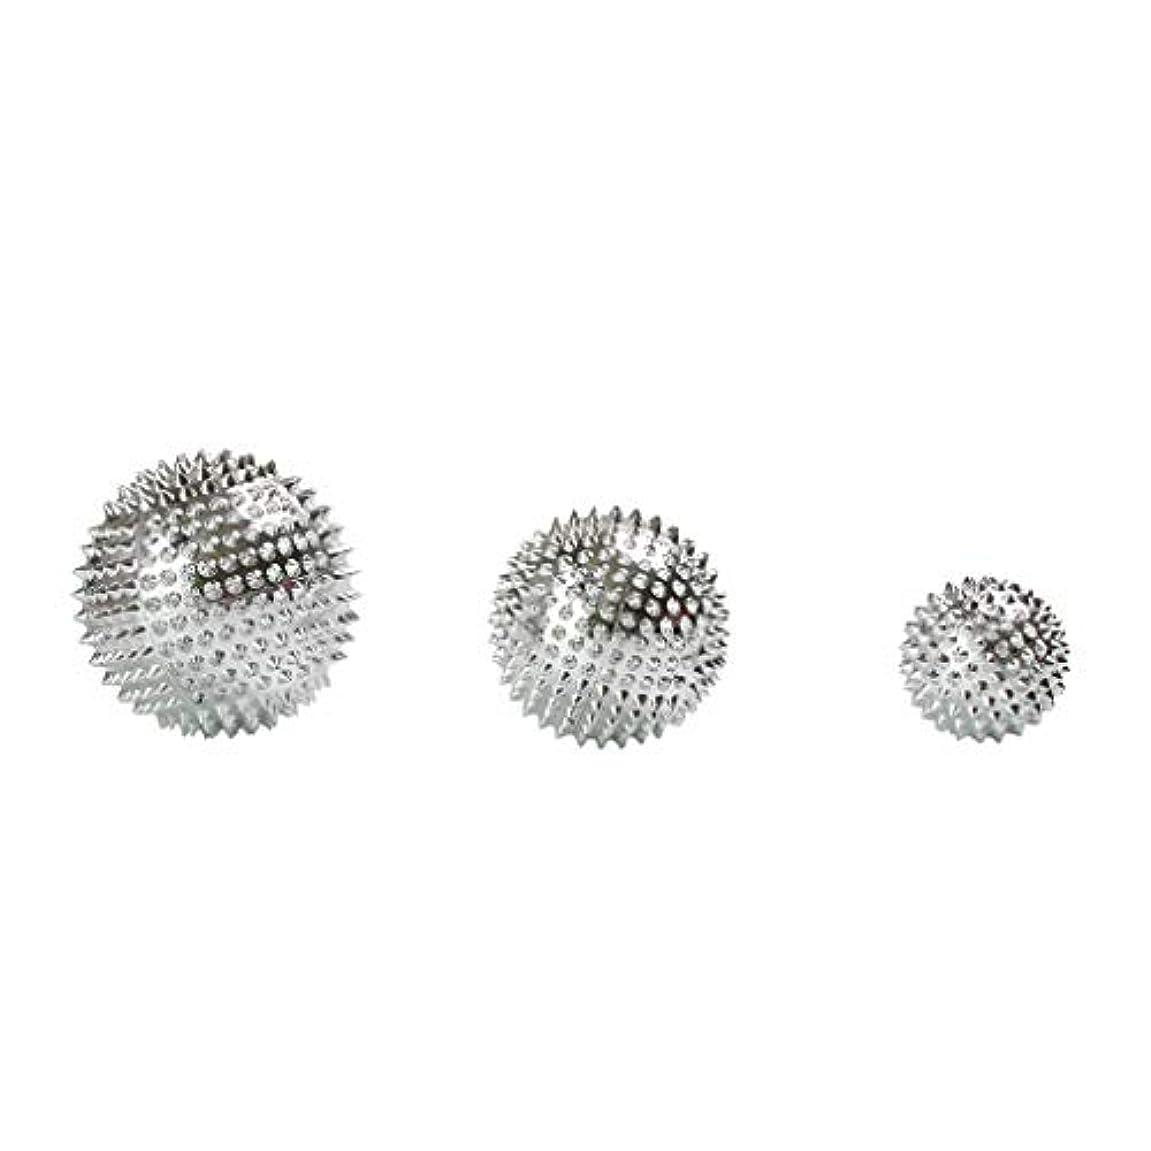 Fenteer 3個セット 磁気マッサージボール スパイク ローラー マッサージ 2色選べ - シルバー